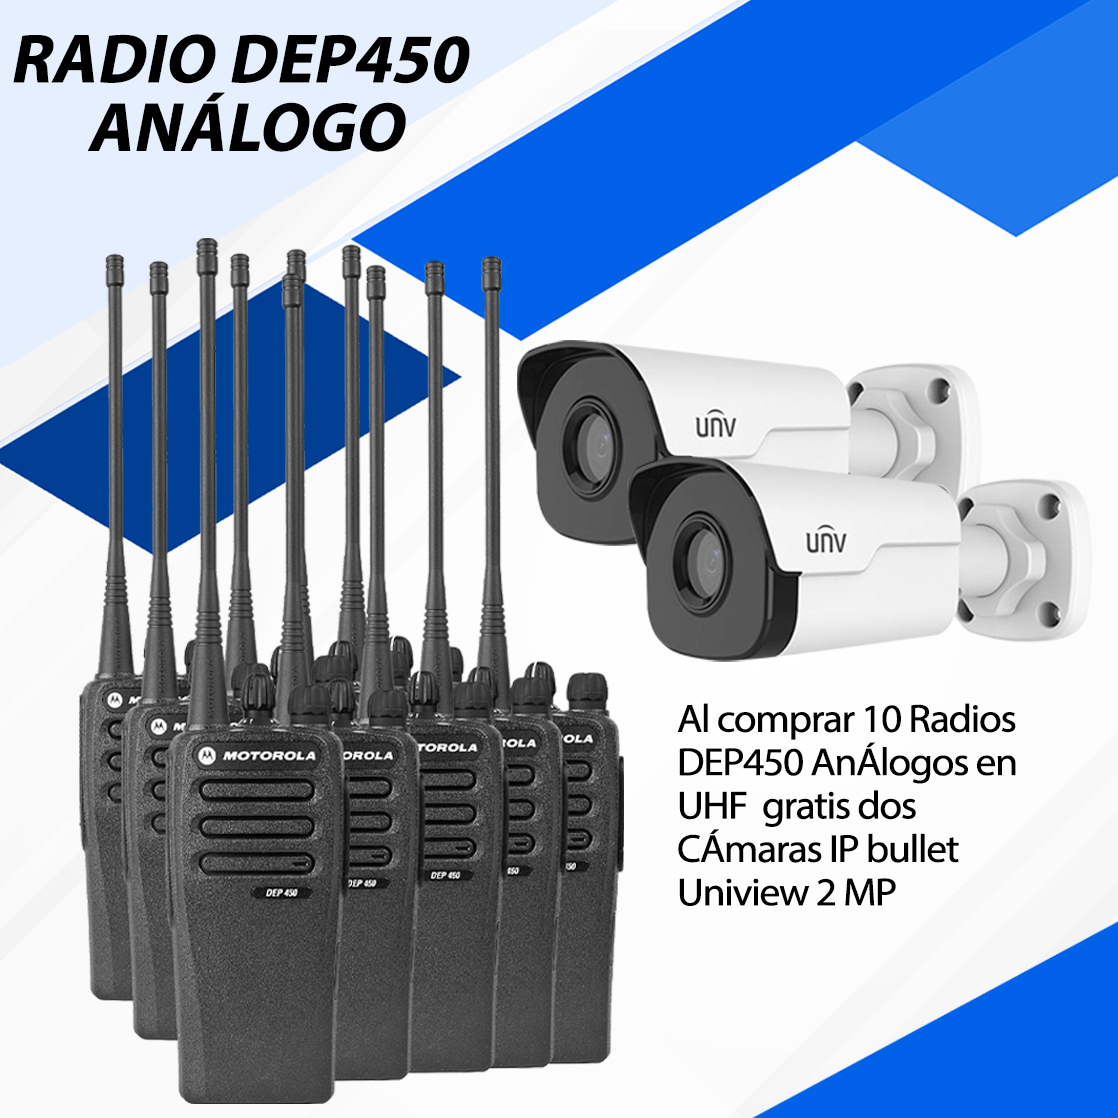 10 RADIOS ANALOGOS DEP450 CON 2 CAMARAS GRATIS